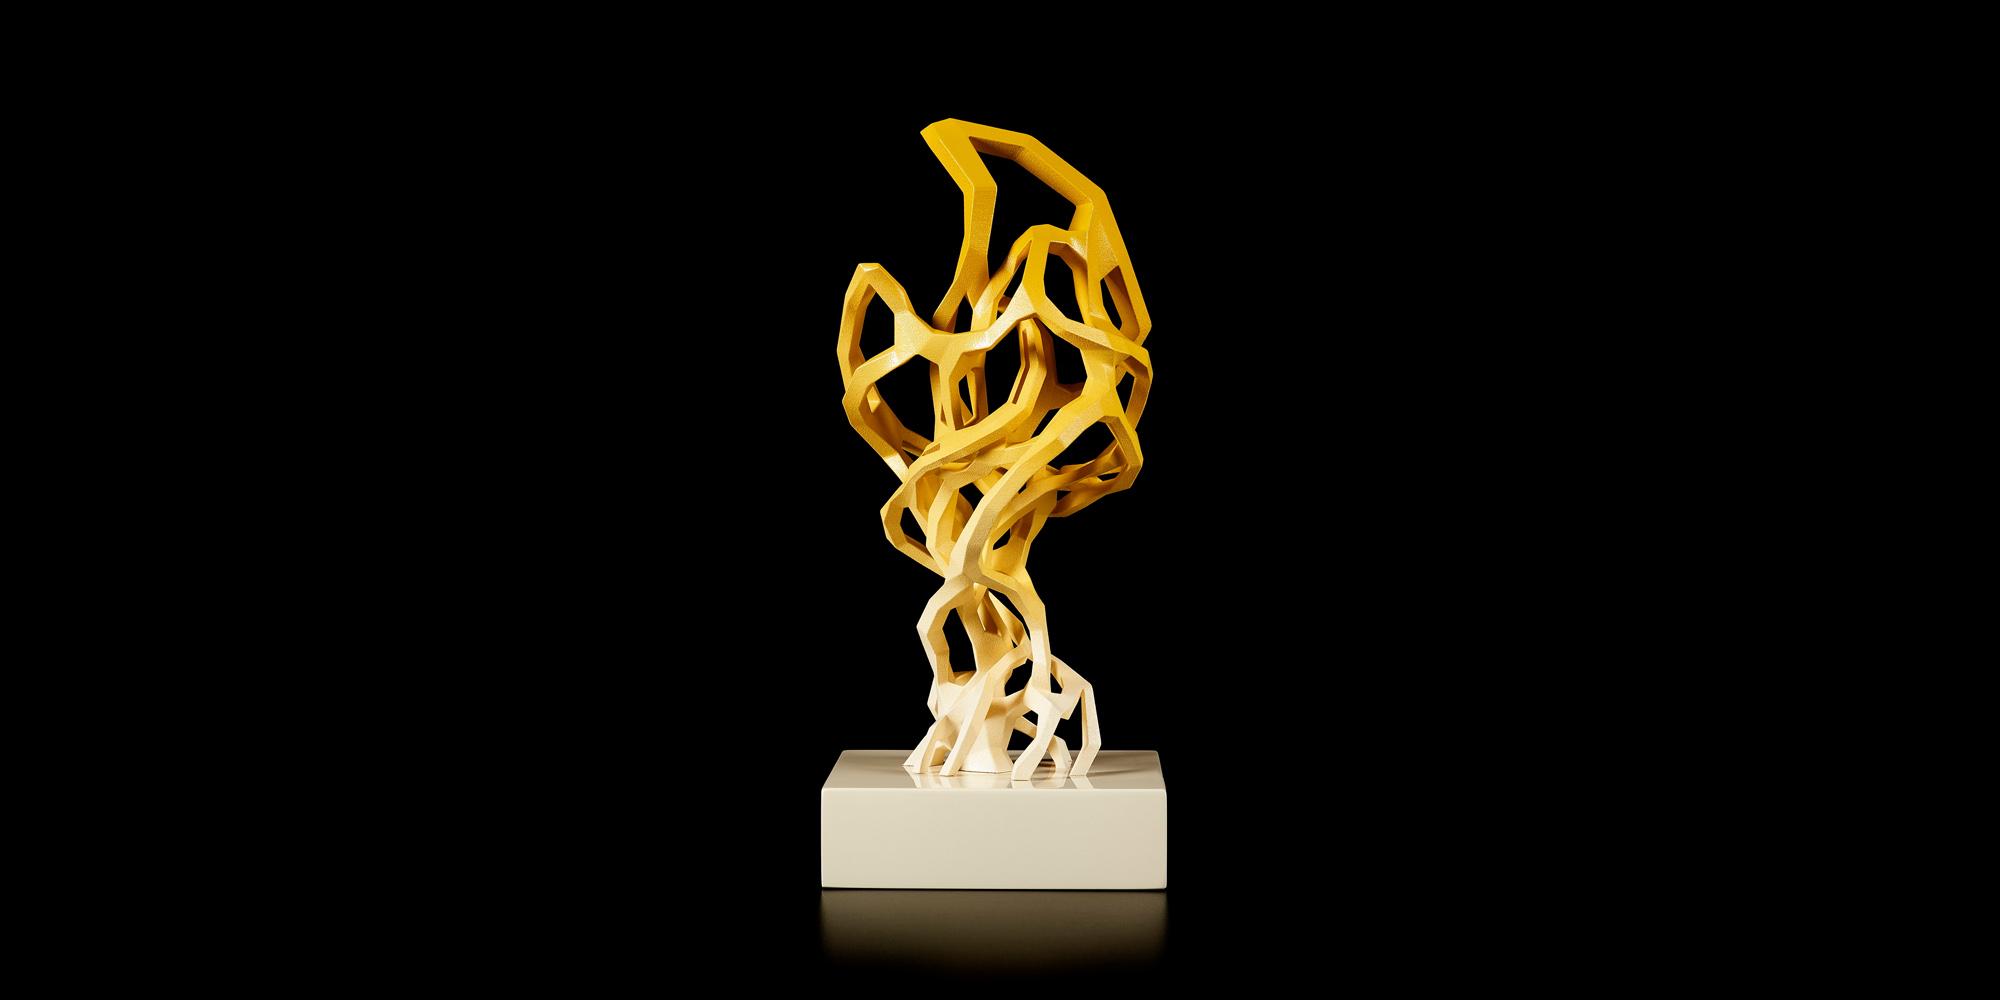 STARTS Prize Trophy by Nick Ervinck. Credit: Peter Verplancke